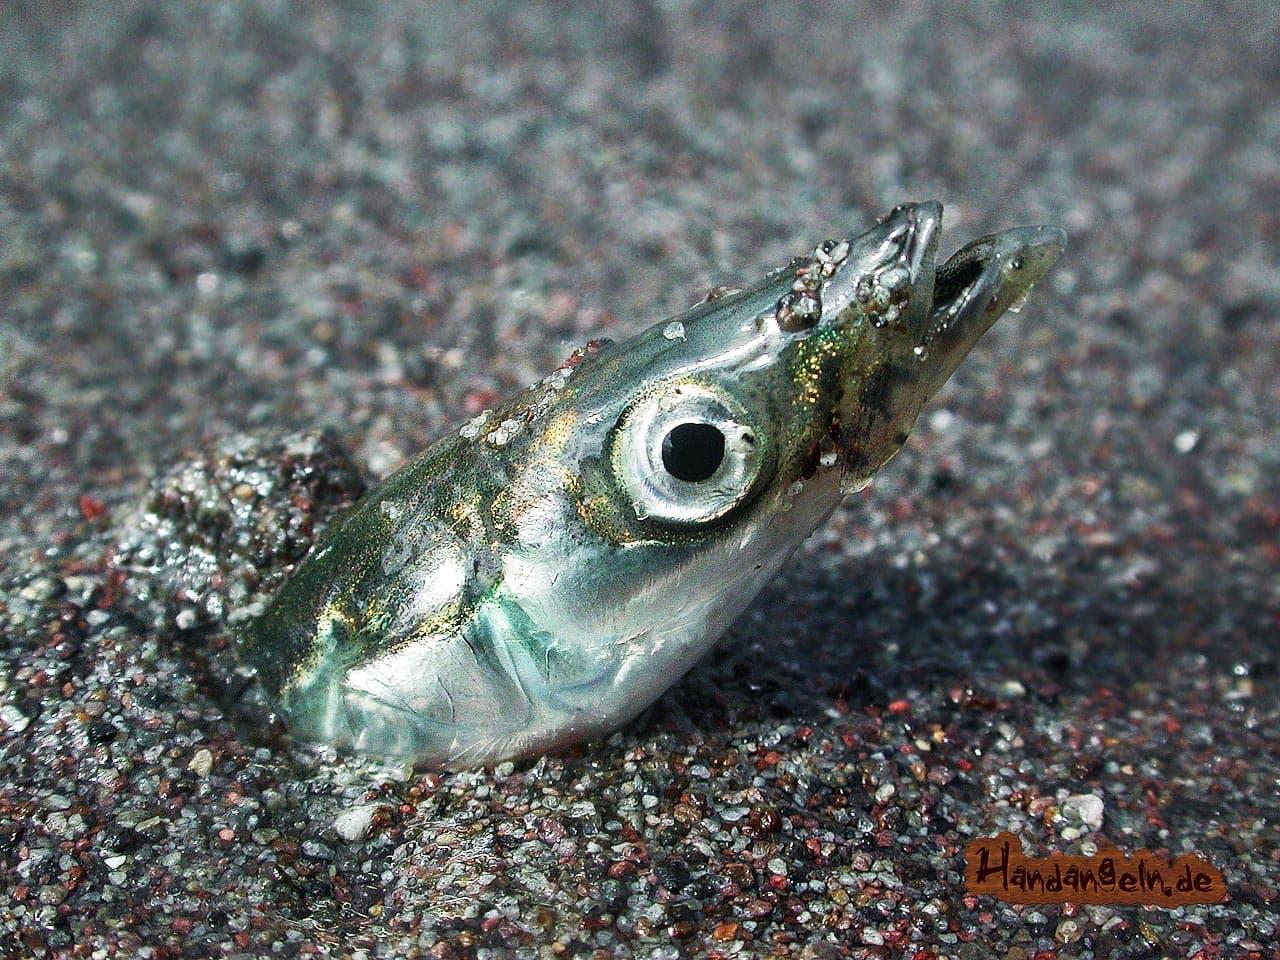 Dorchköder Kleinfische Sandaale